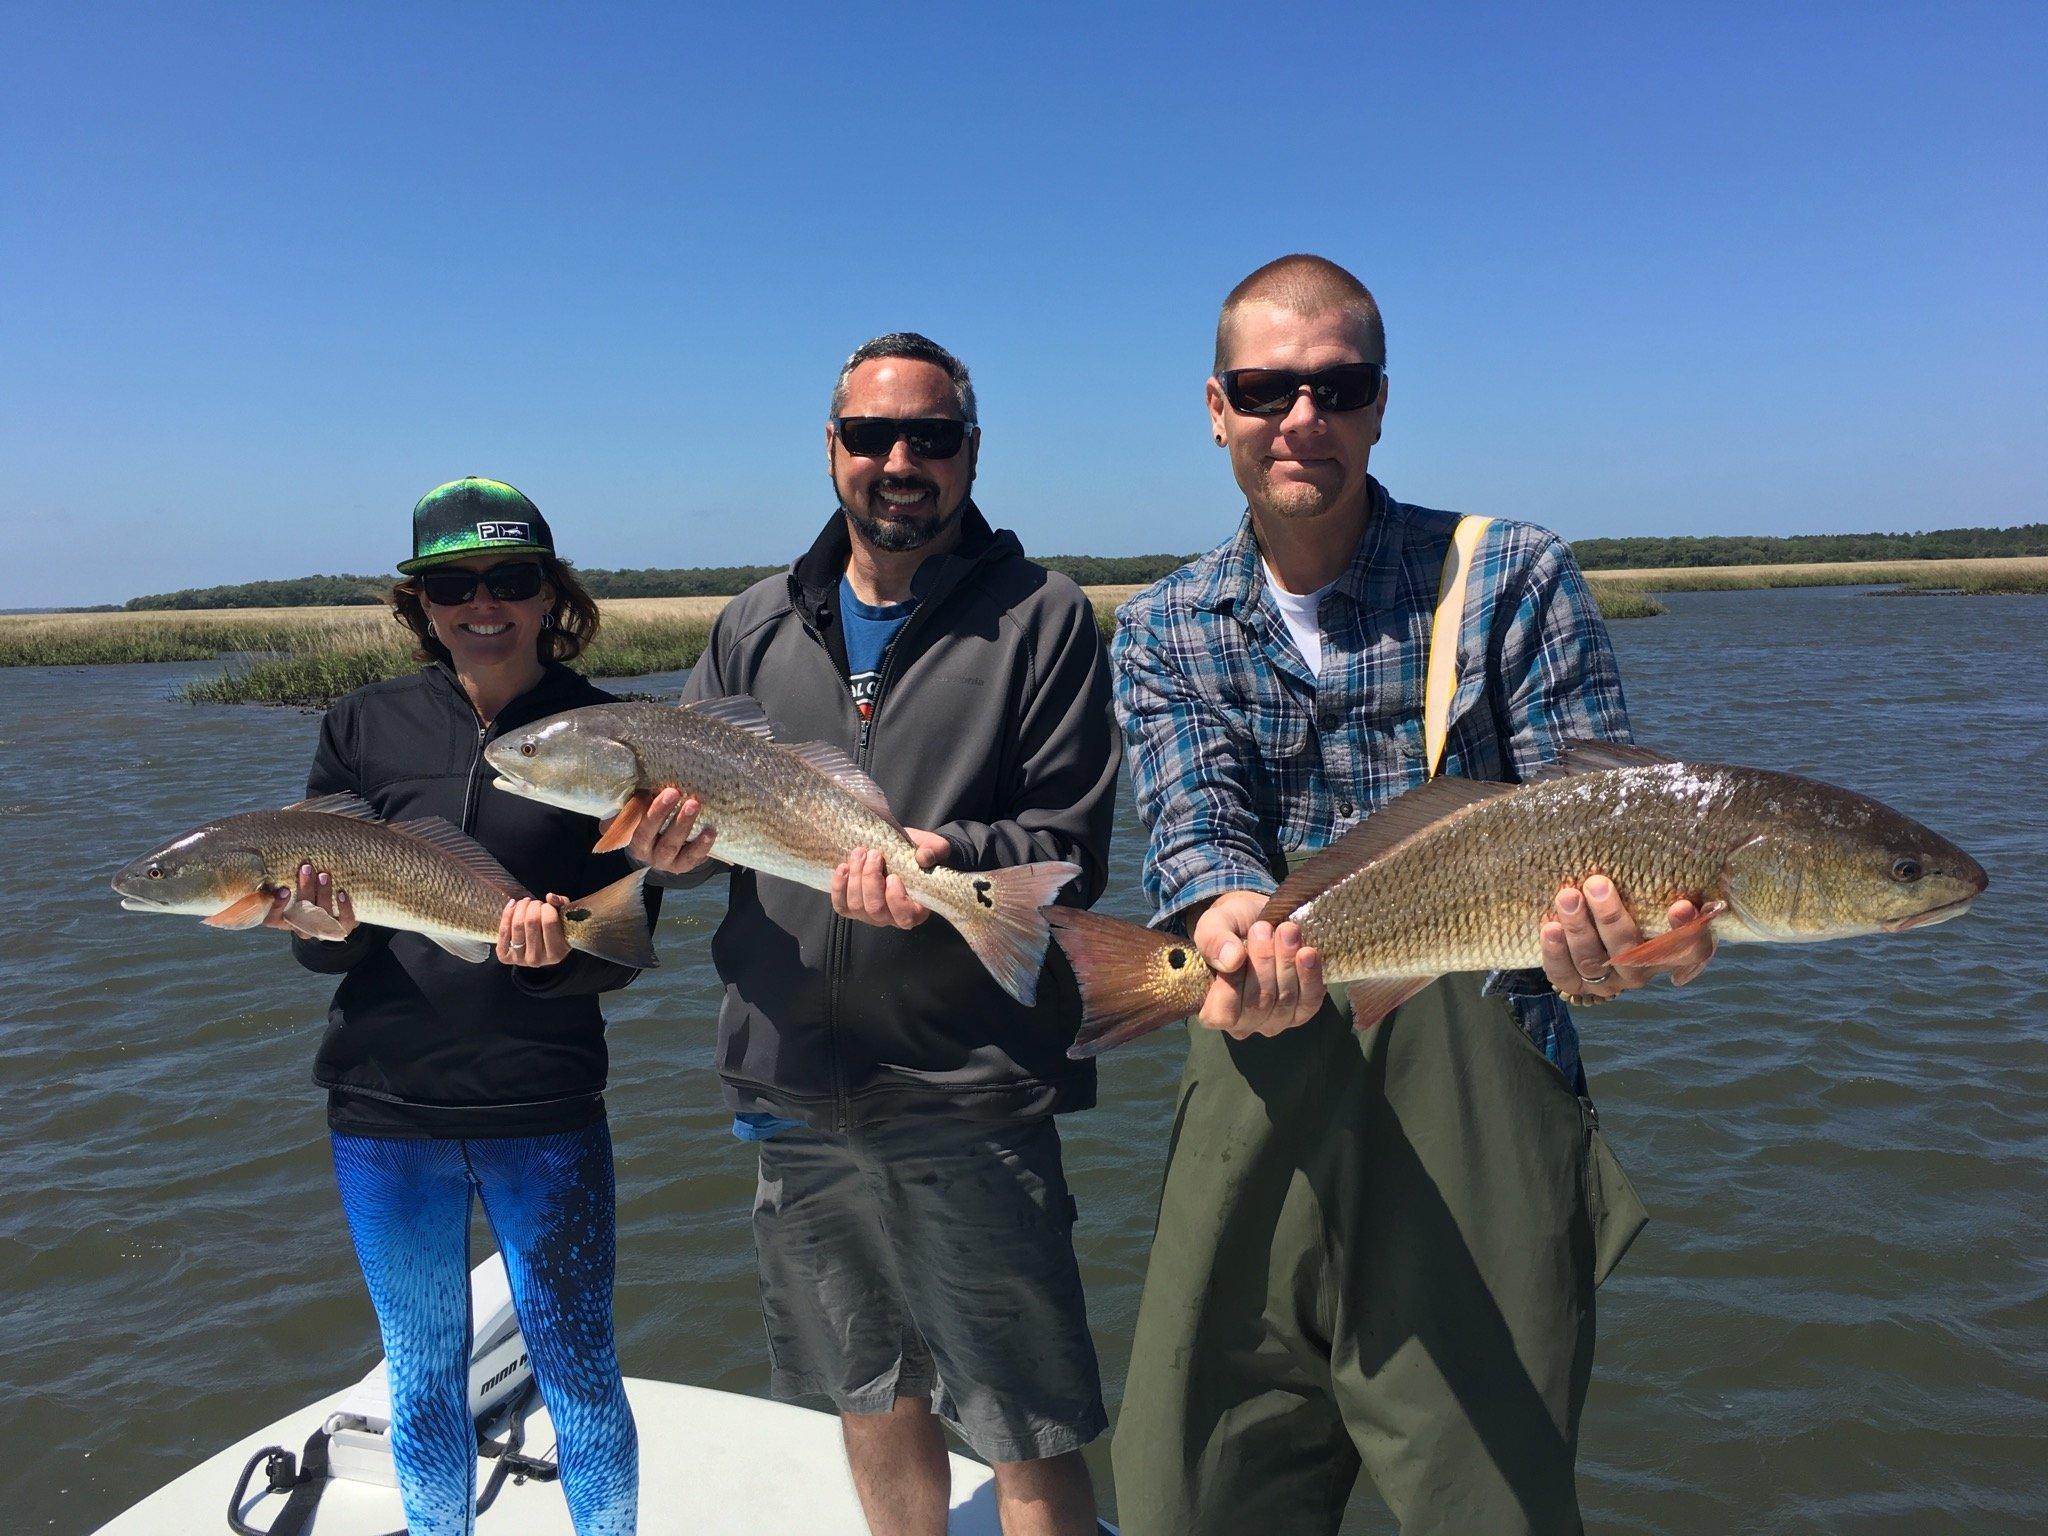 Jacksonville inshore fishing report for the week of 4 11 for Fishing report jacksonville fl